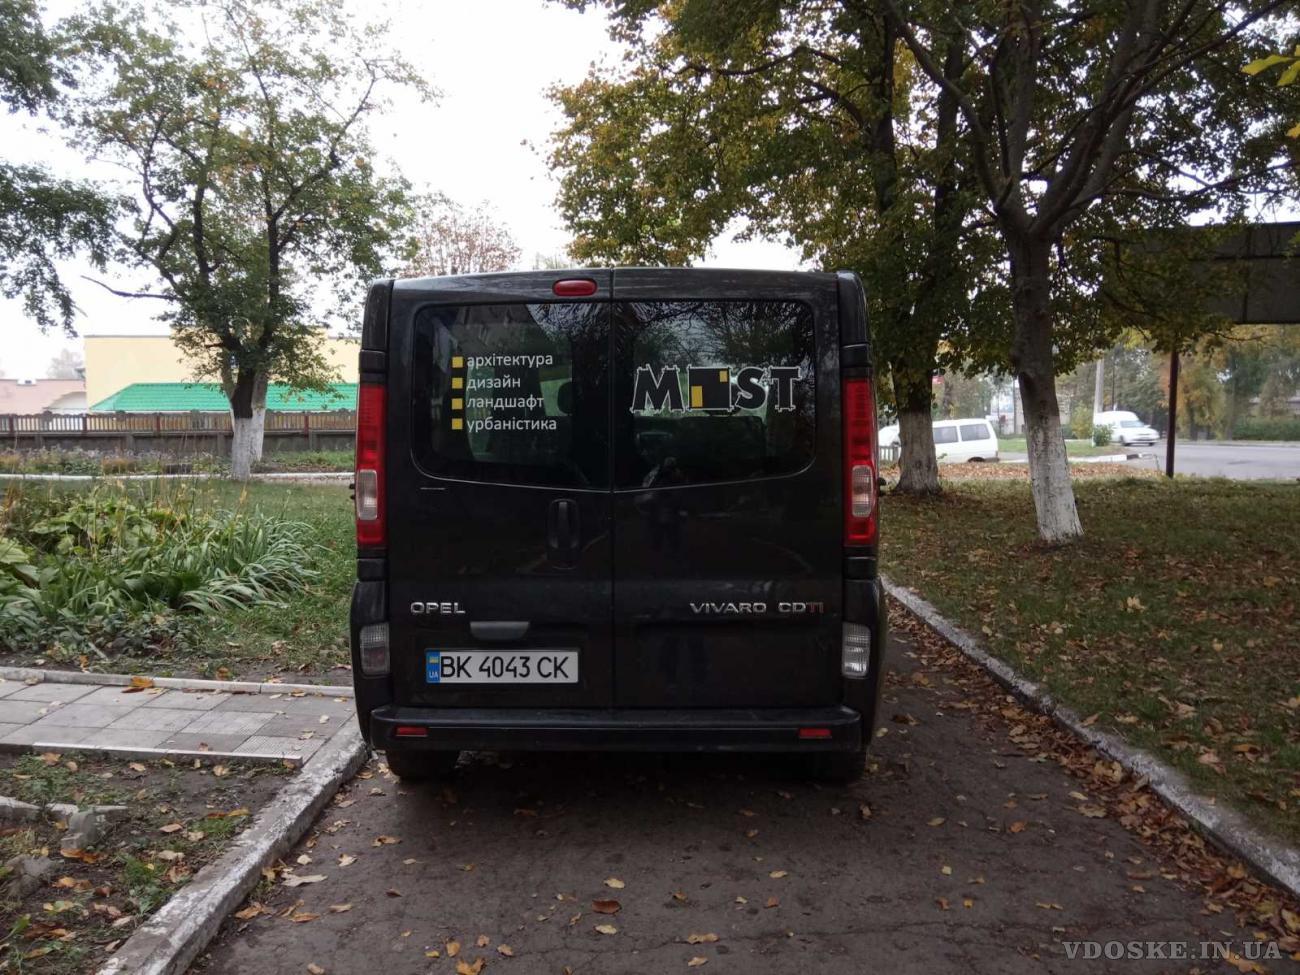 Брендування всіх видів транспорту ( поклейка корпоративного транспорту, власних авто, громадського транспорту) Західна Україна (3)